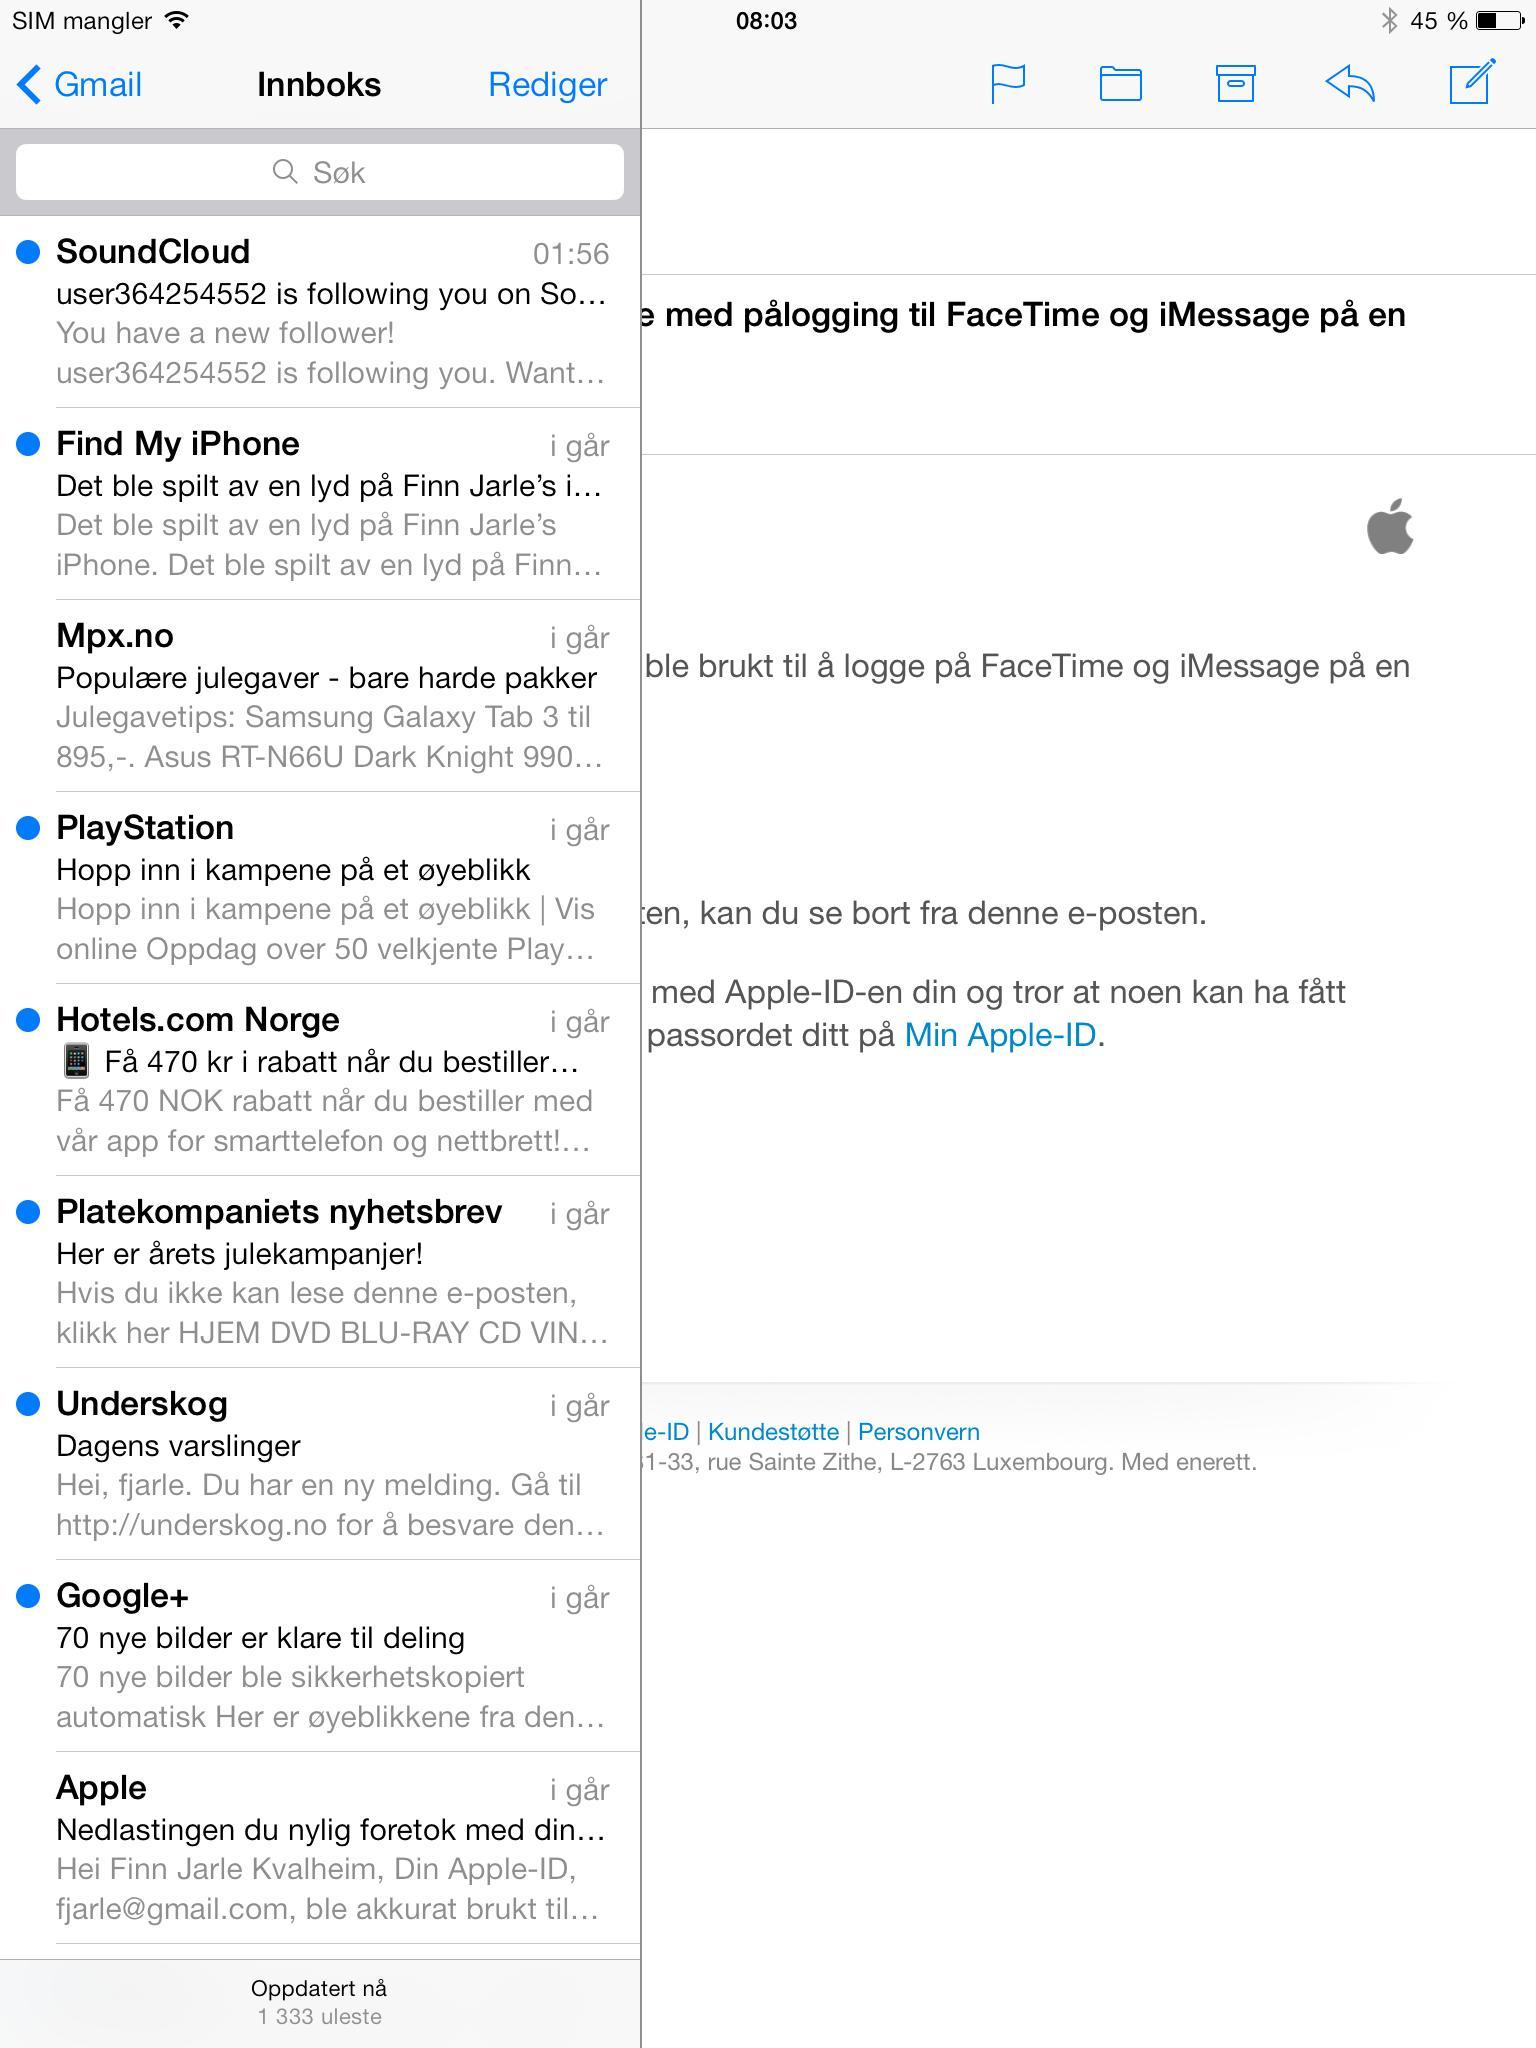 E-postklienten deler design med resten av iOS 7, og har blitt litt enklere å ta i bruk.Foto: Finn Jarle Kvalheim, Amobil.no